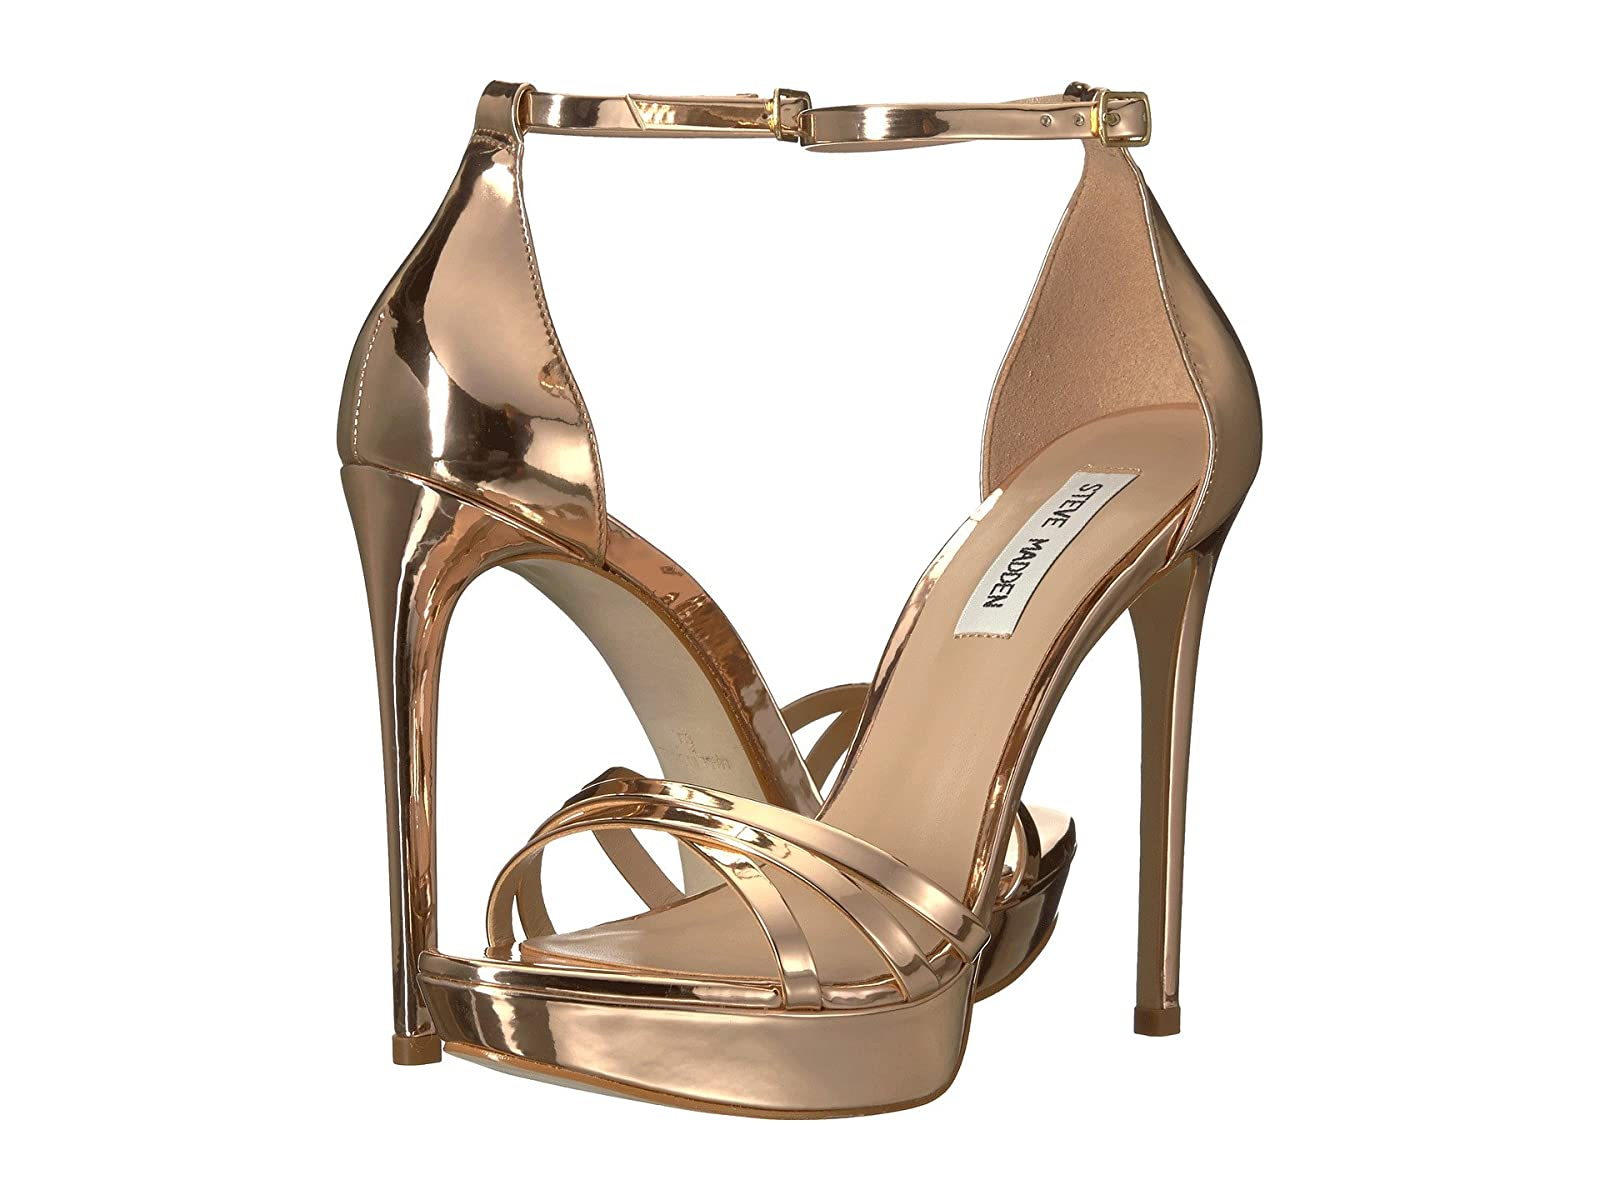 Steve Madden CassandraCheap and distinctive eye-catching shoes